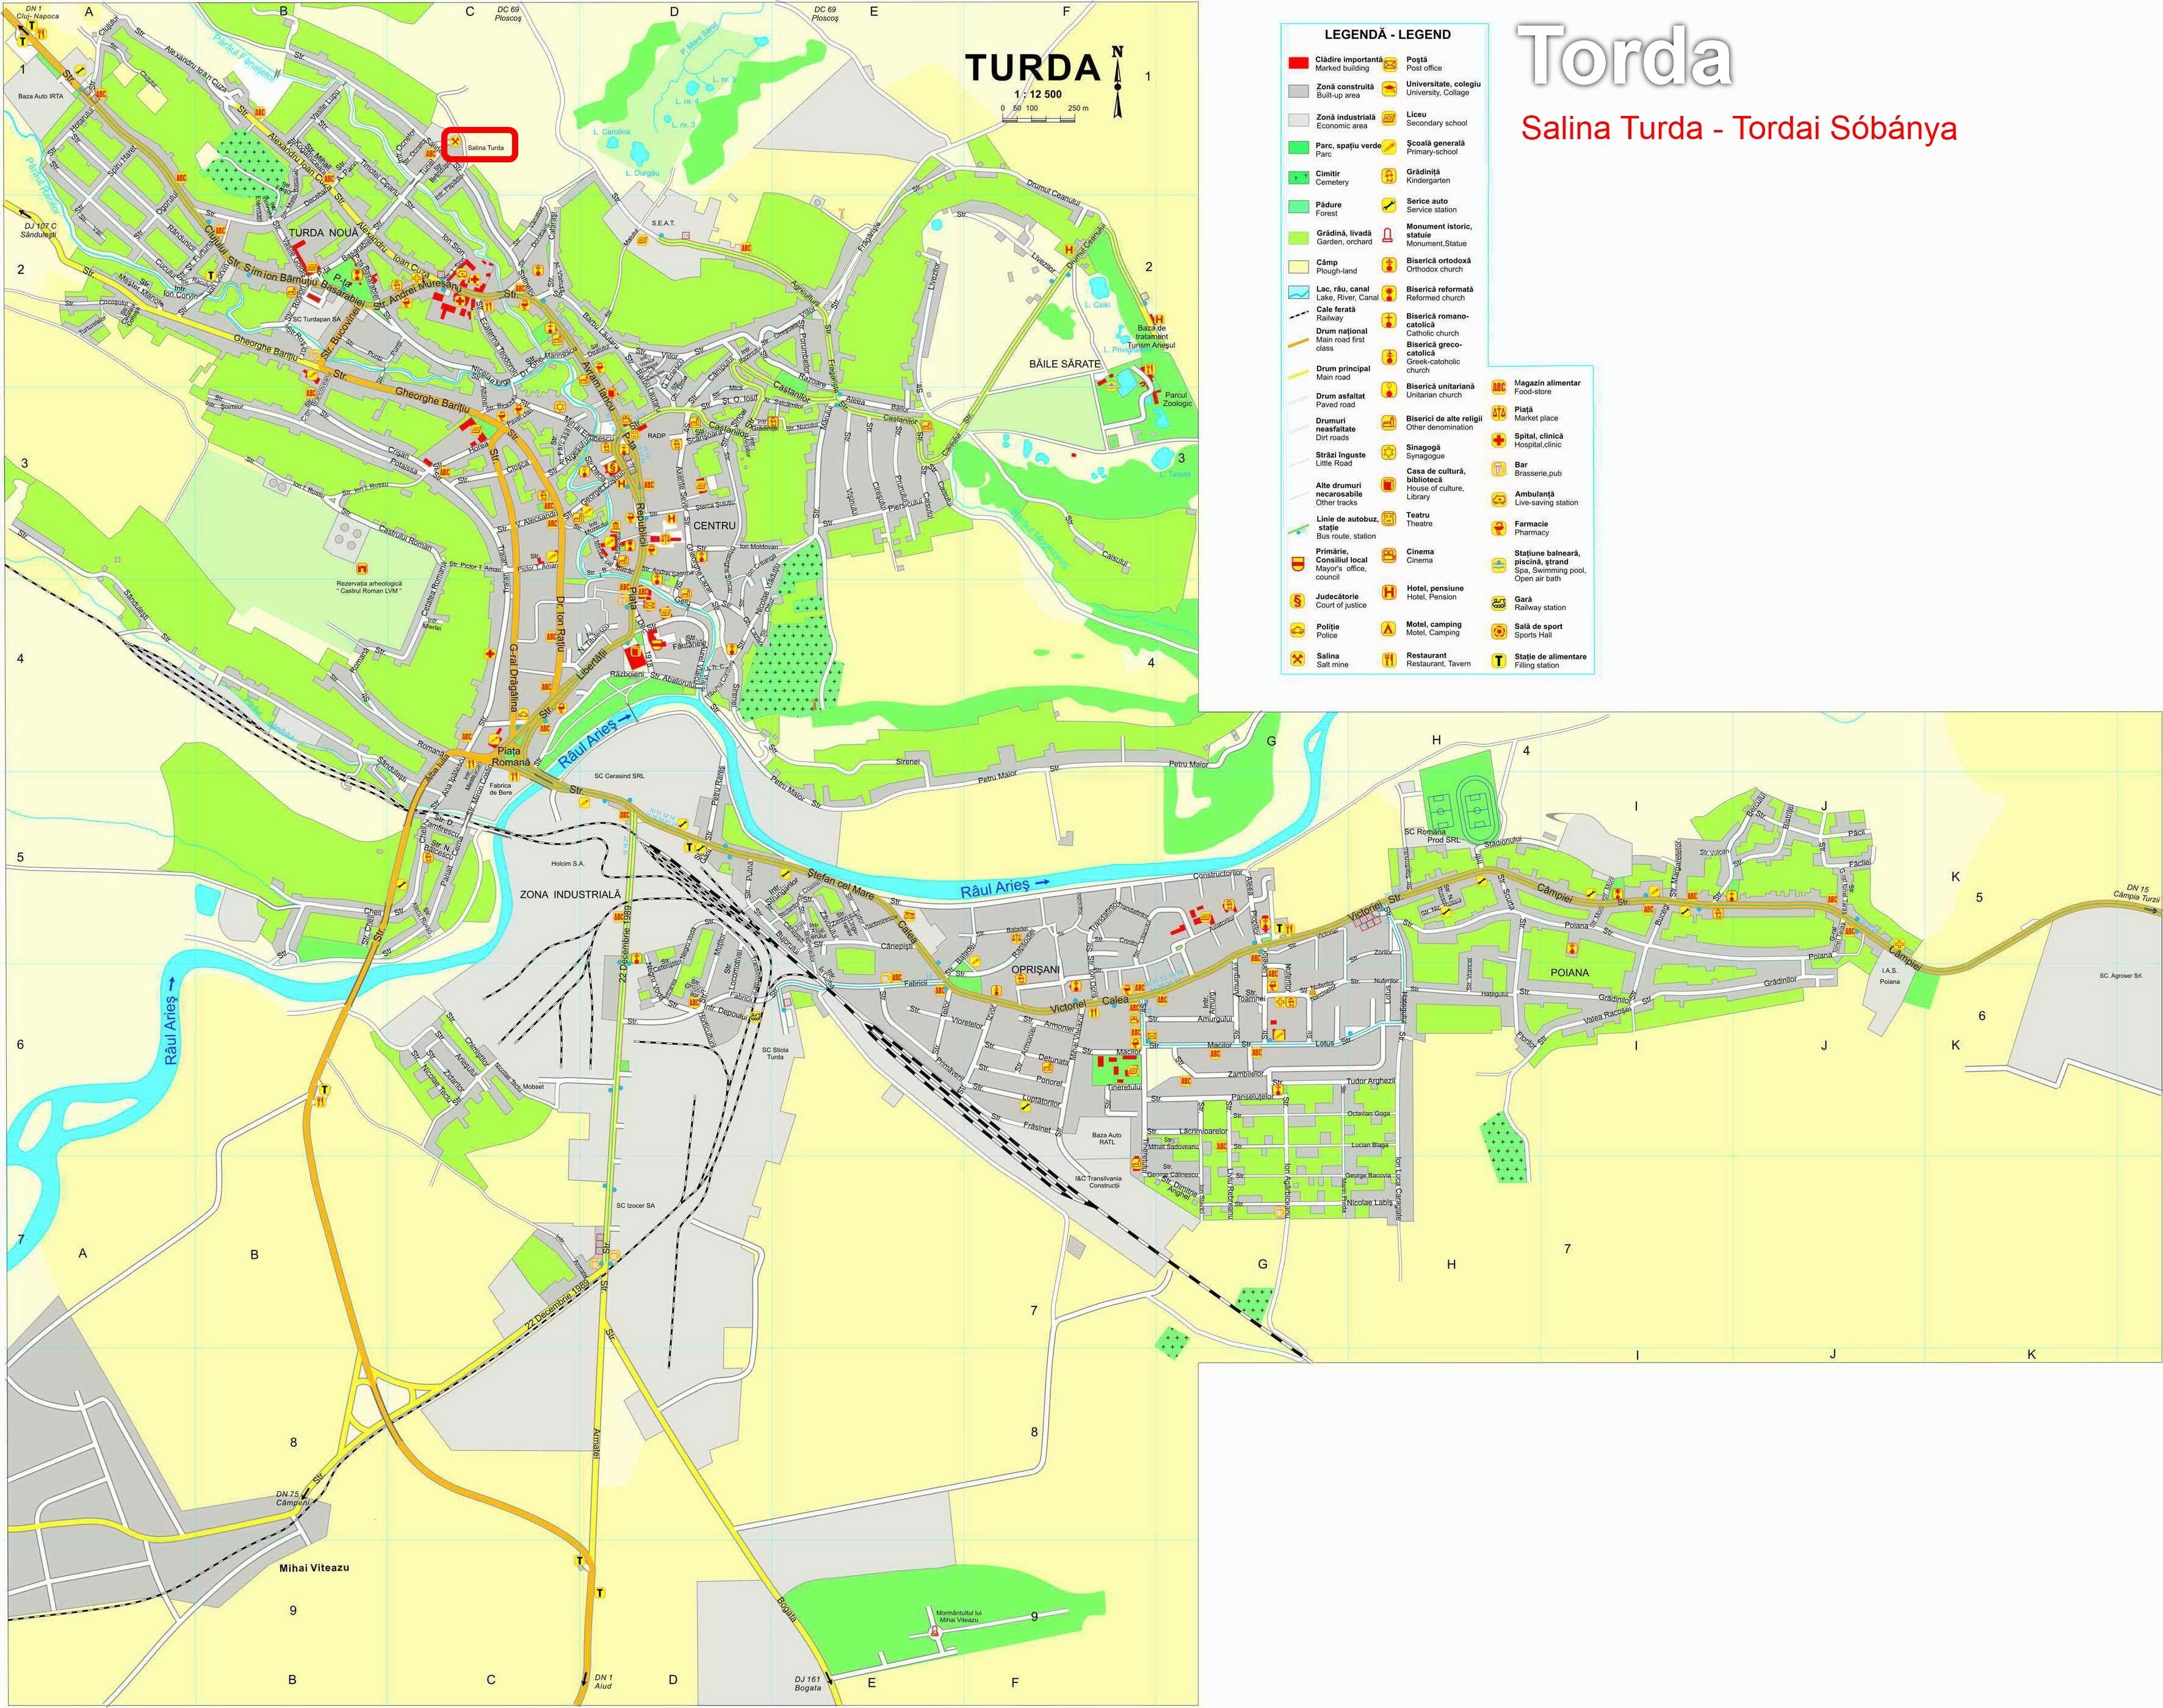 Tordai sobánya turisztikai térképe - szállás